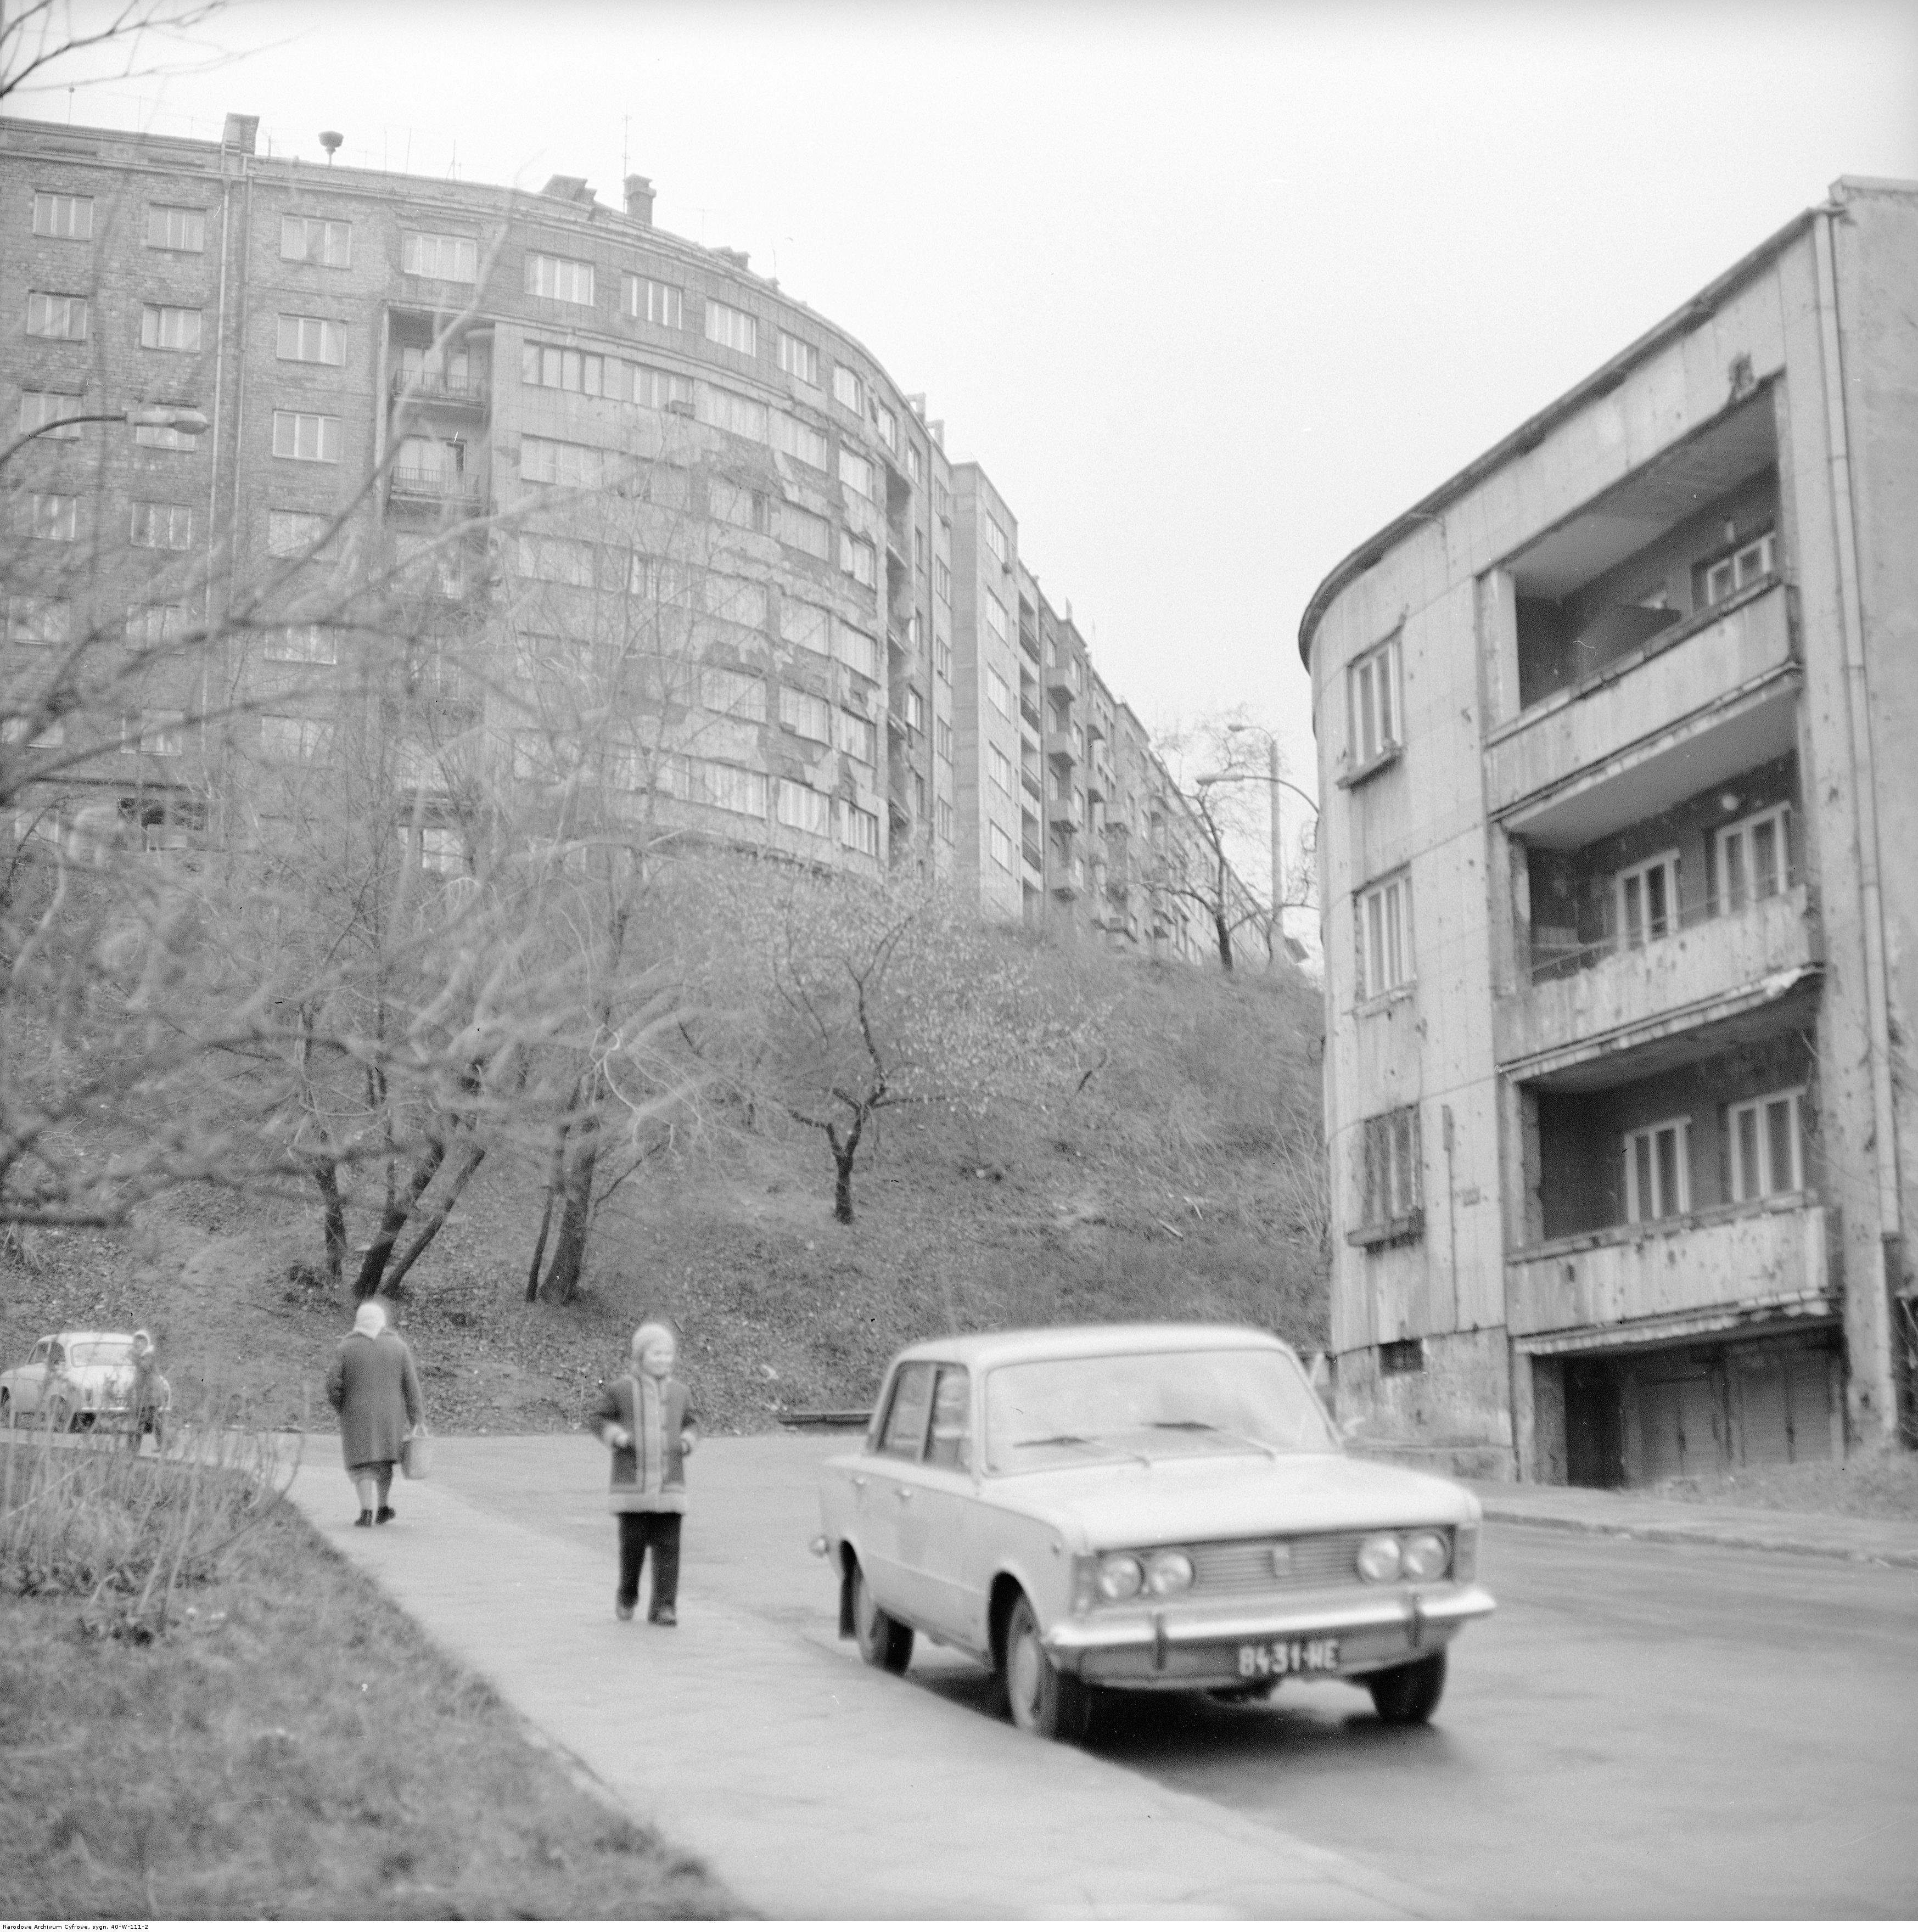 Na wstępie fotografia Grażyny Rutowskiej z 1971 r. ze zbiorów Narodowego Archiwum Cyfrowego z lat 70. XX w. Z prawej kamienica przy Dynasach 8 widoczna od strony Zajęczej.